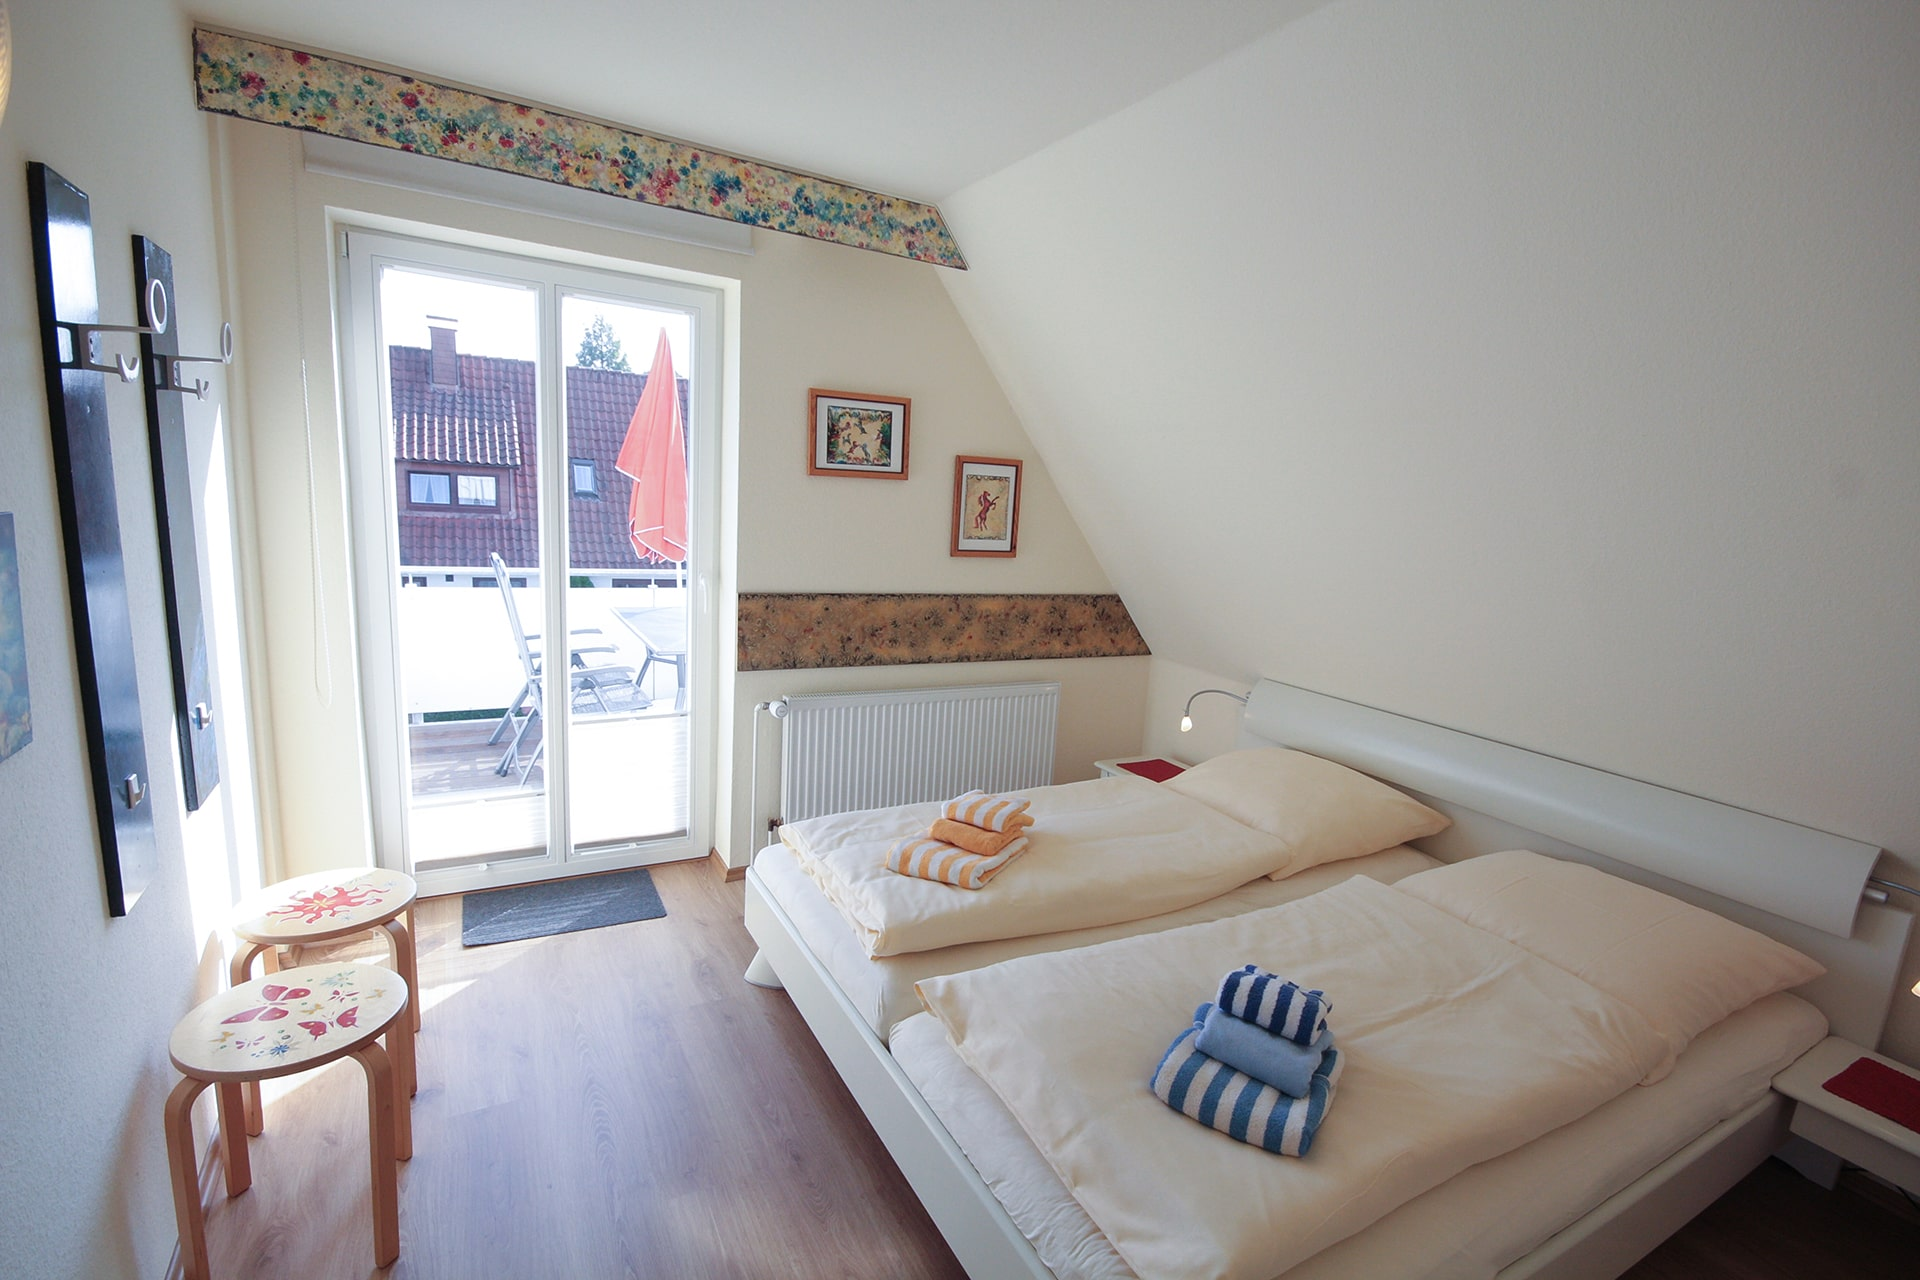 malerhaus-kuhse-ferienwohnung-seestern-schlafzimmer